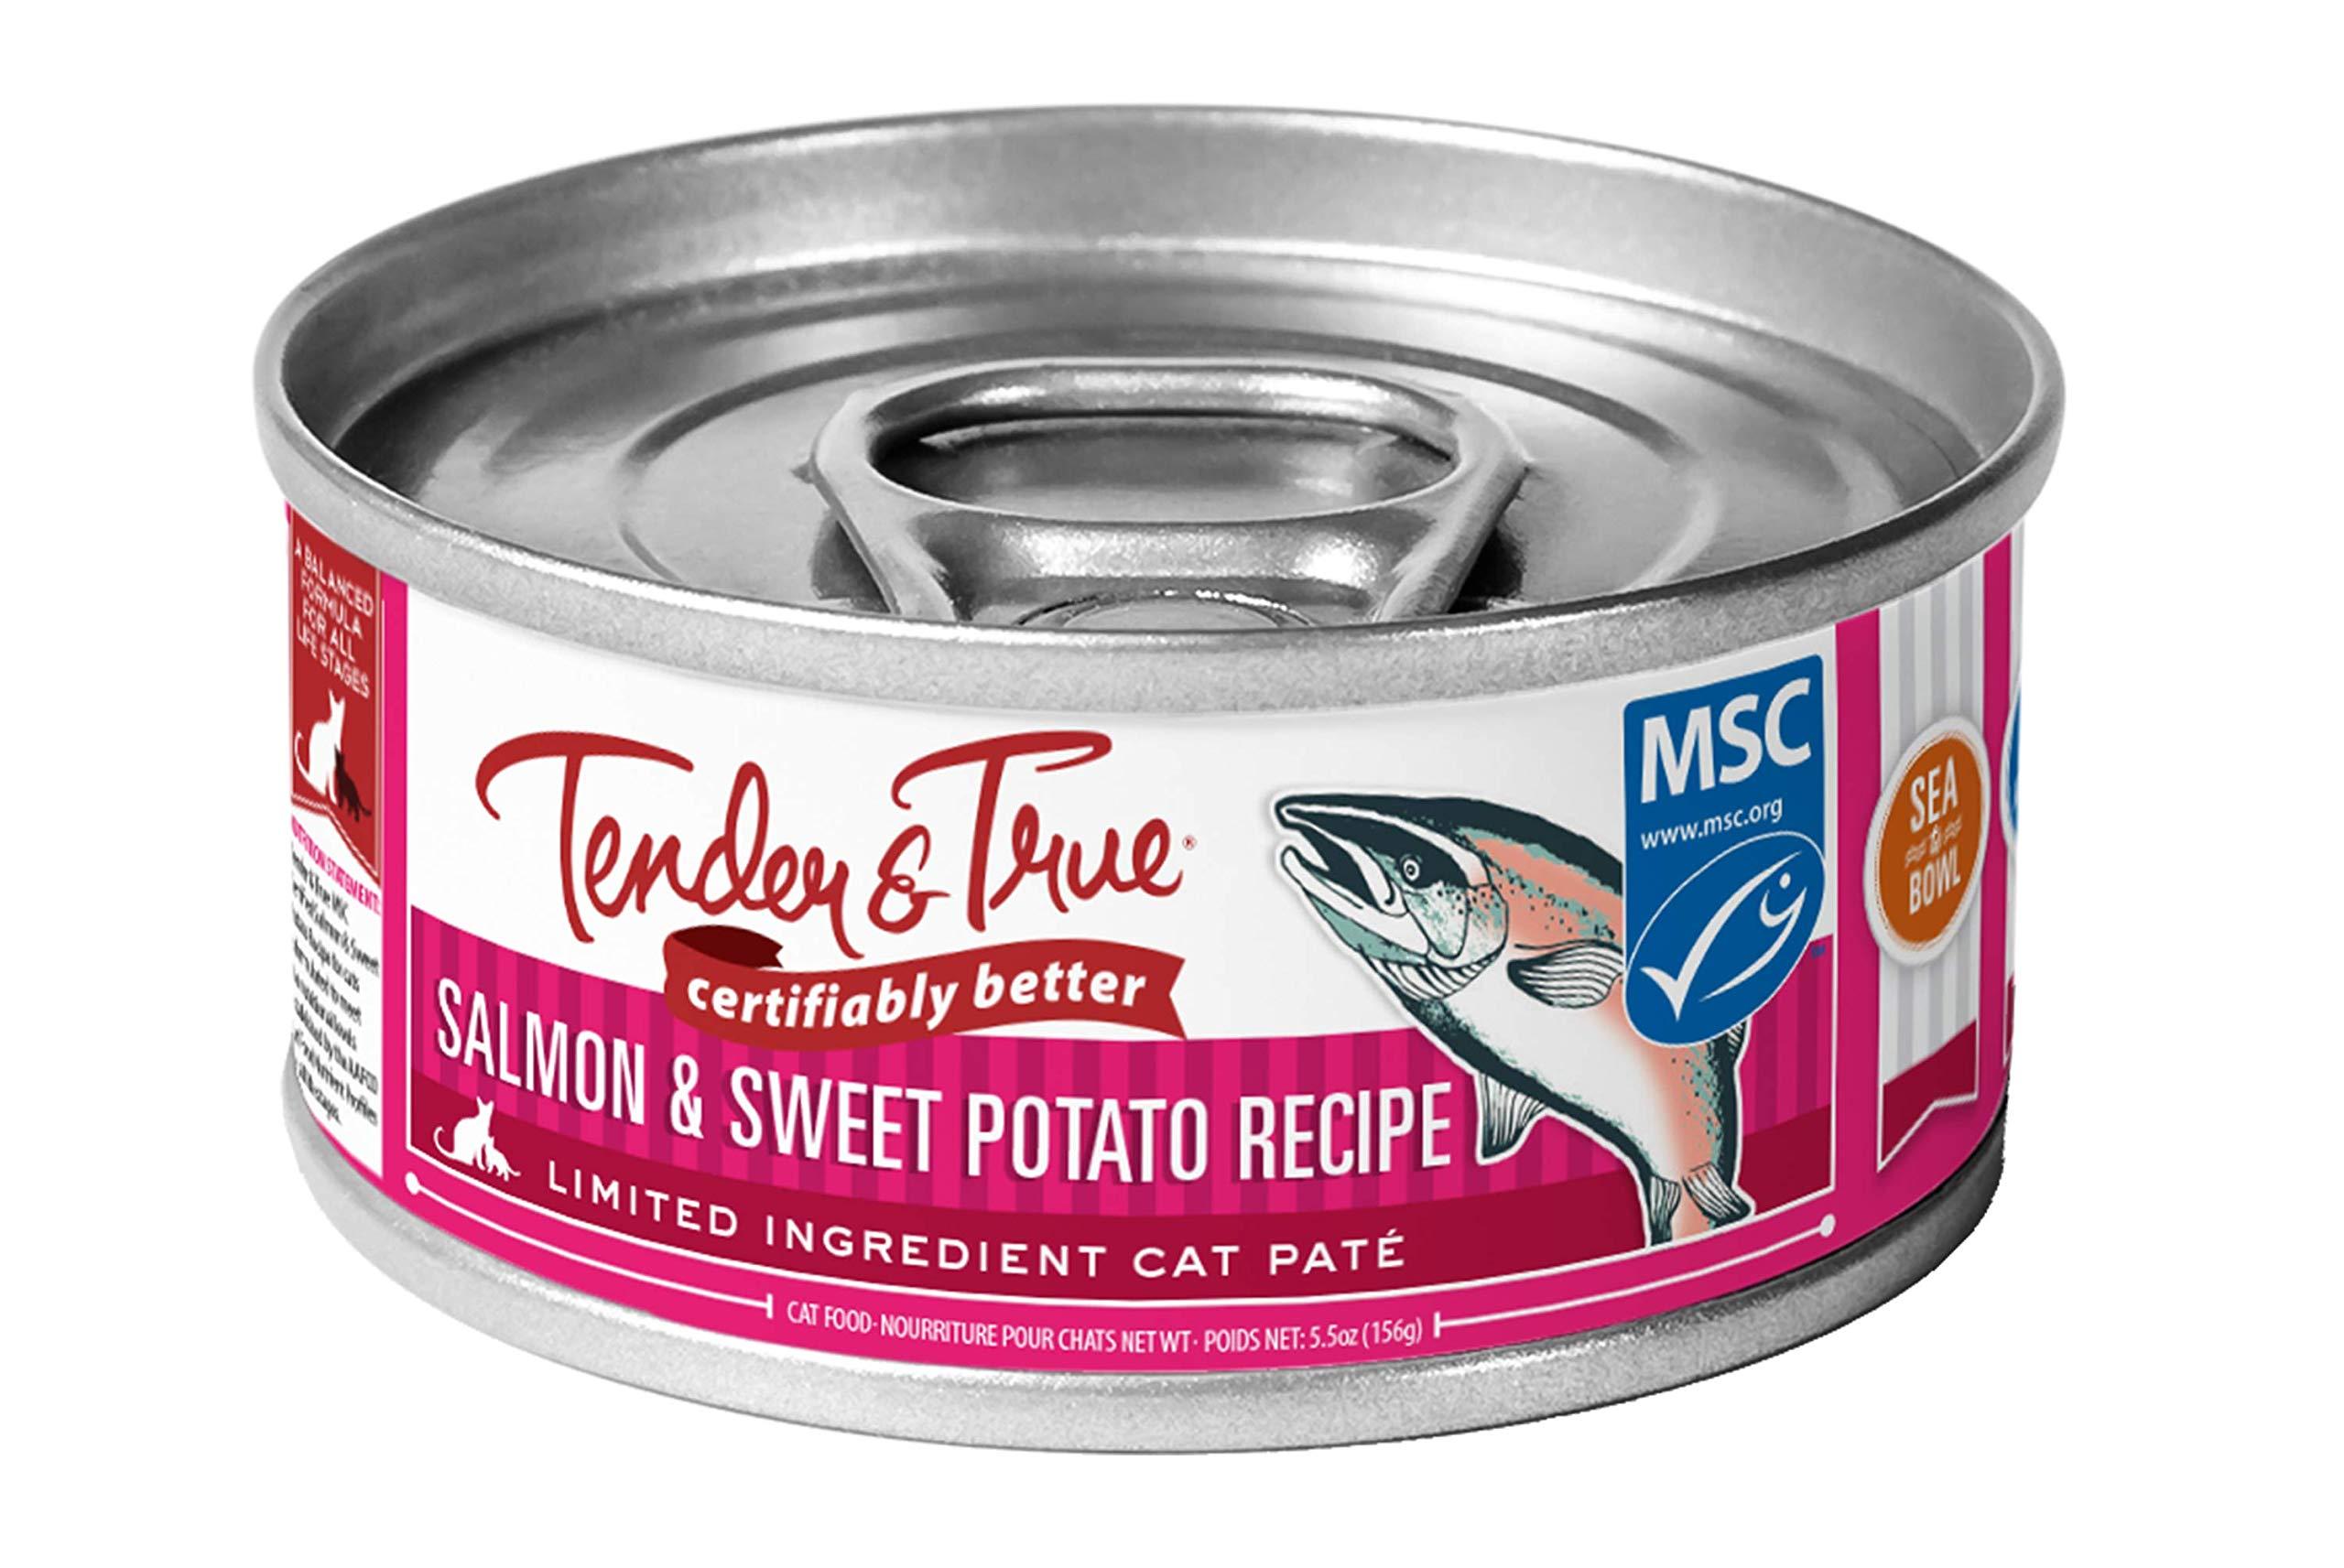 Tender & True Salmon & Sweet Potato Recipe Canned Cat Food, 5.5 oz, Case of 24 by Tender & True Pet Nutrition